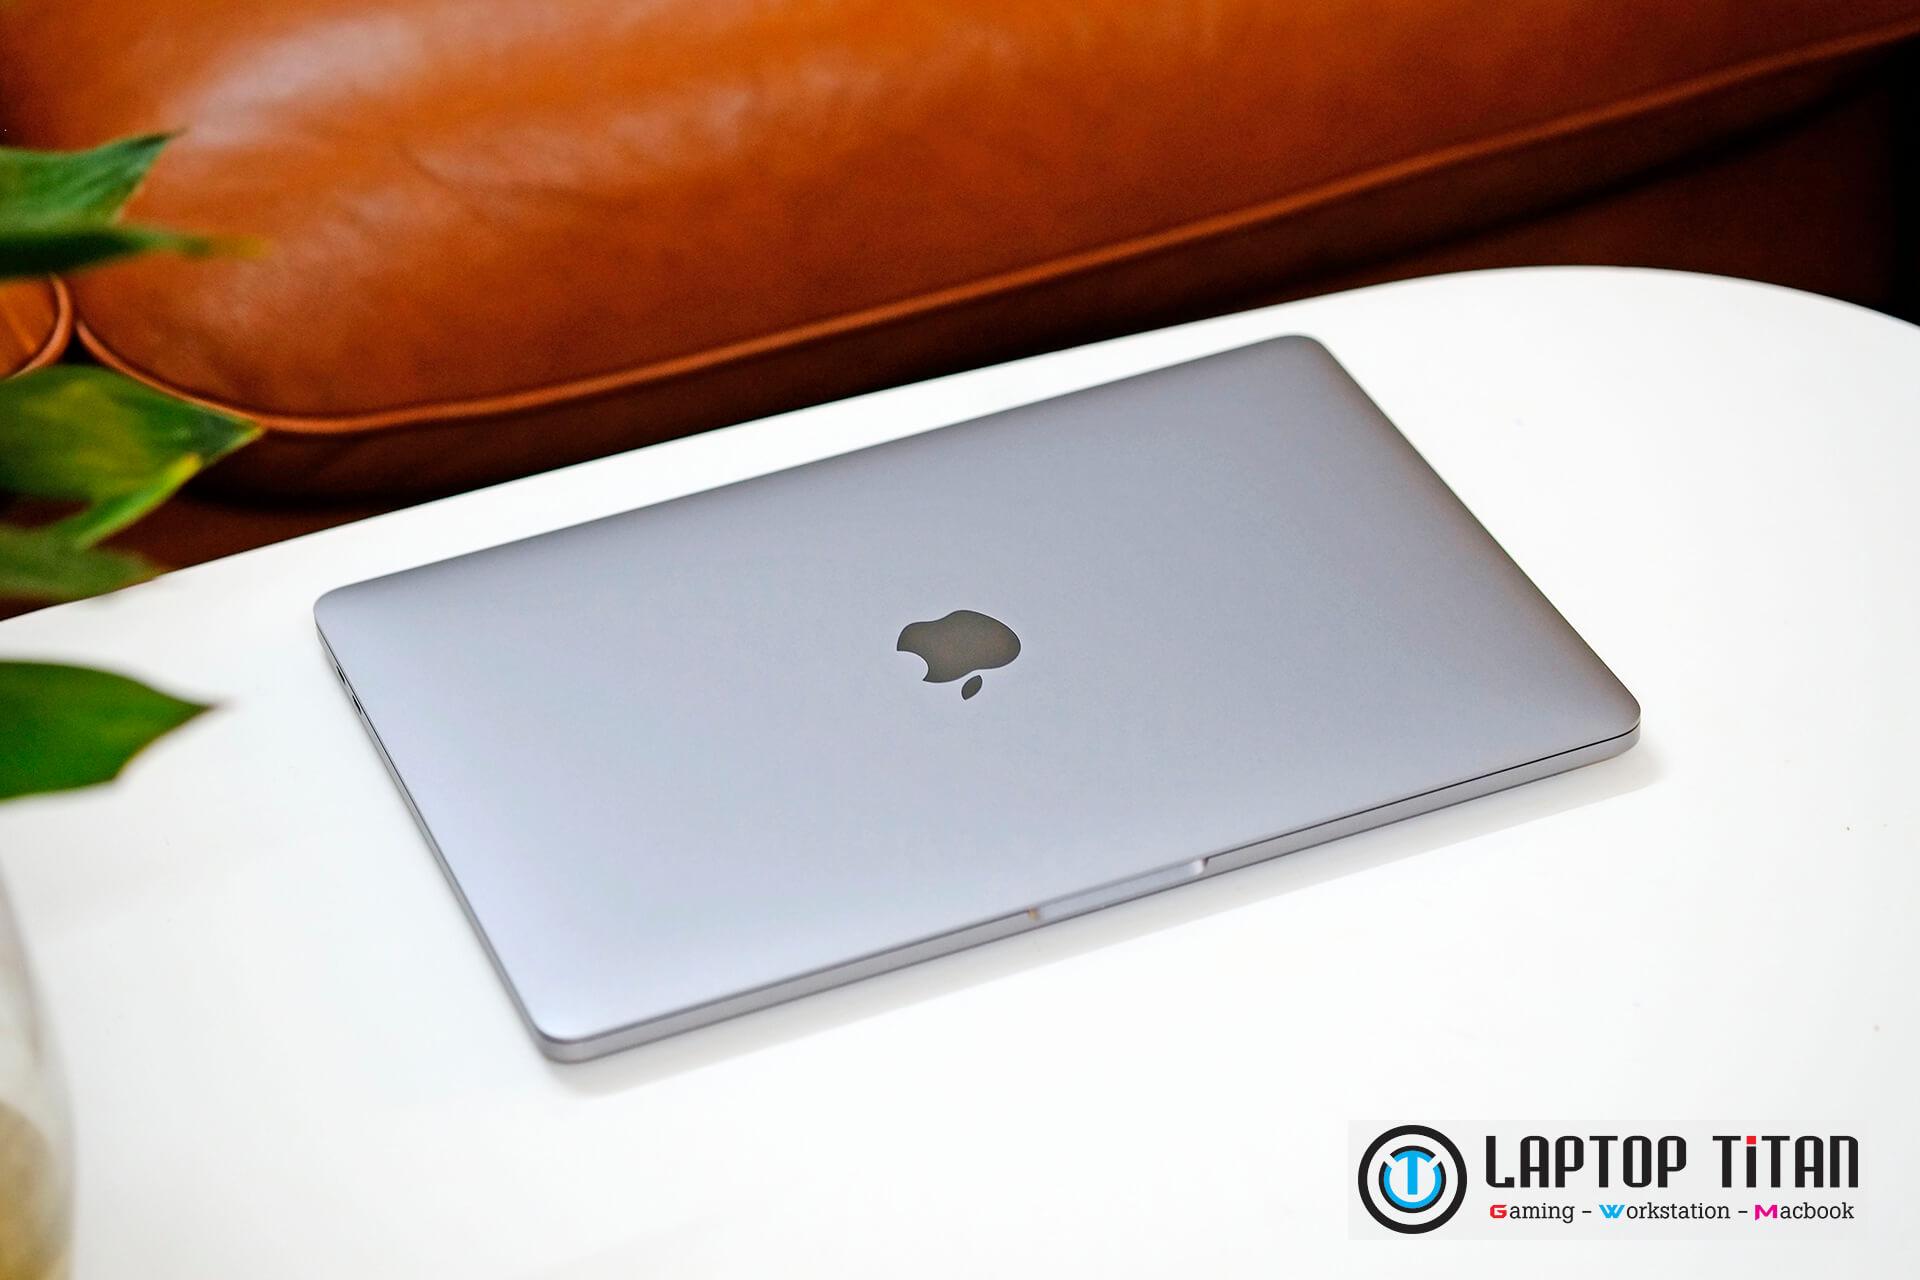 Macbook Pro M1 Laptoptitan 01